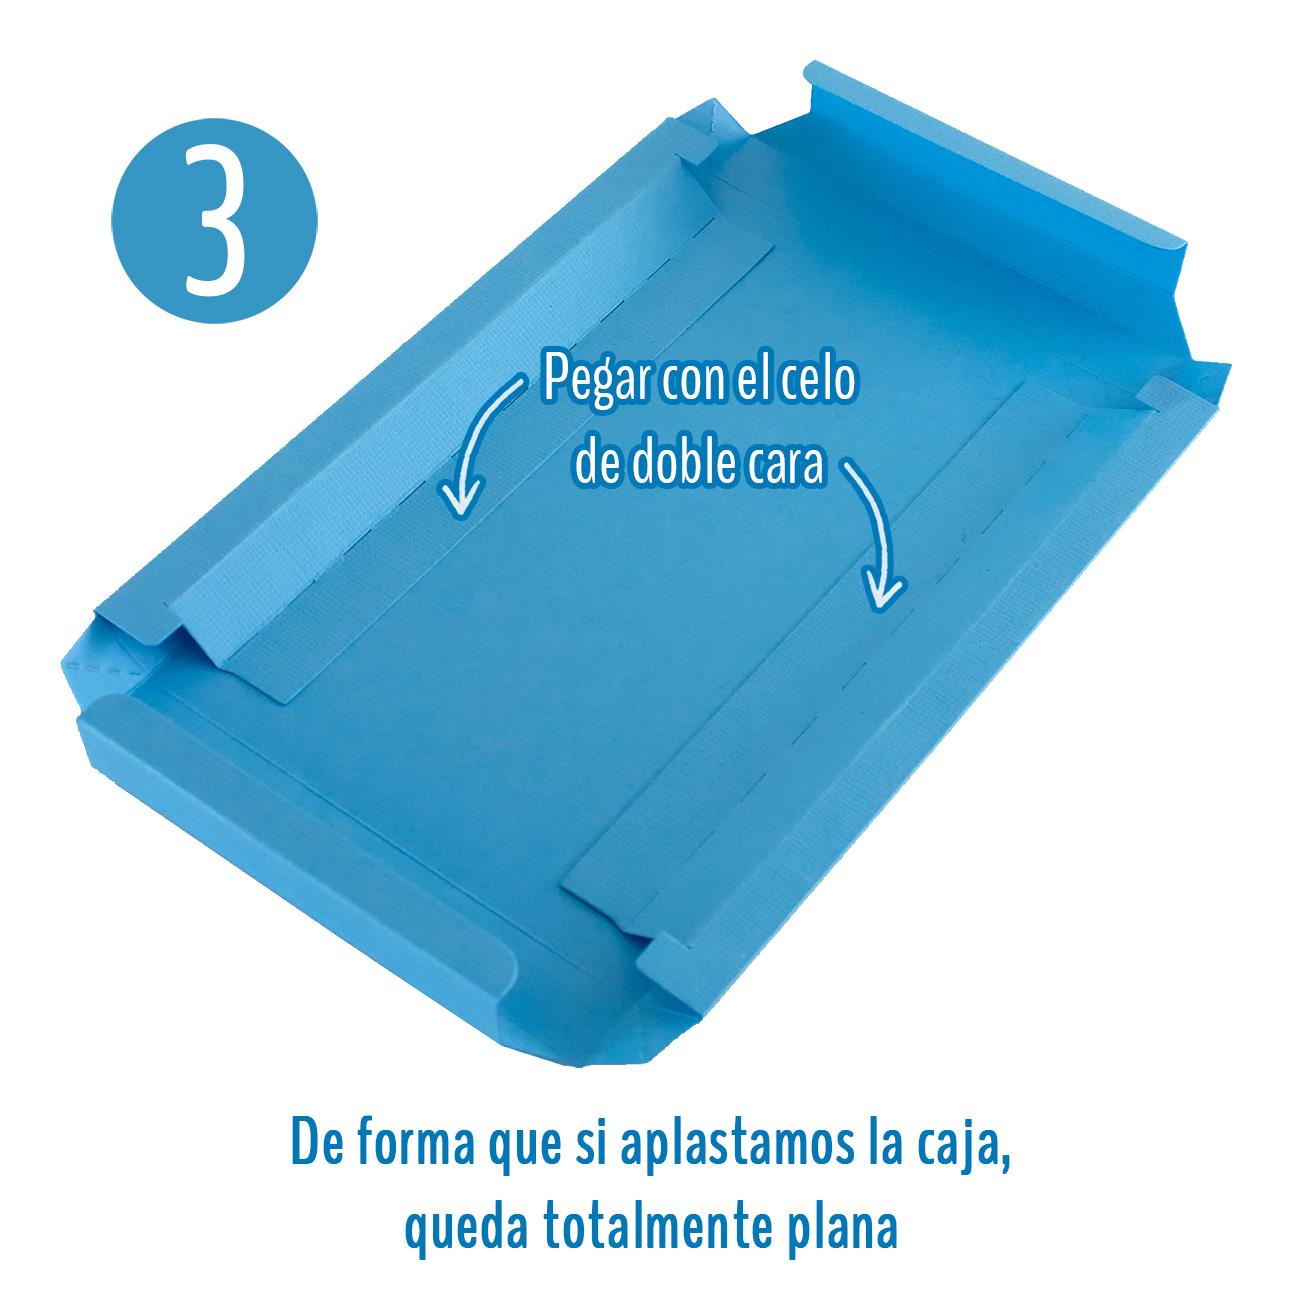 Imagen de producto: https://tienda.postreadiccion.com/img/articulos/secundarias13649-caja-de-carton-rosa-bebe-8.jpg